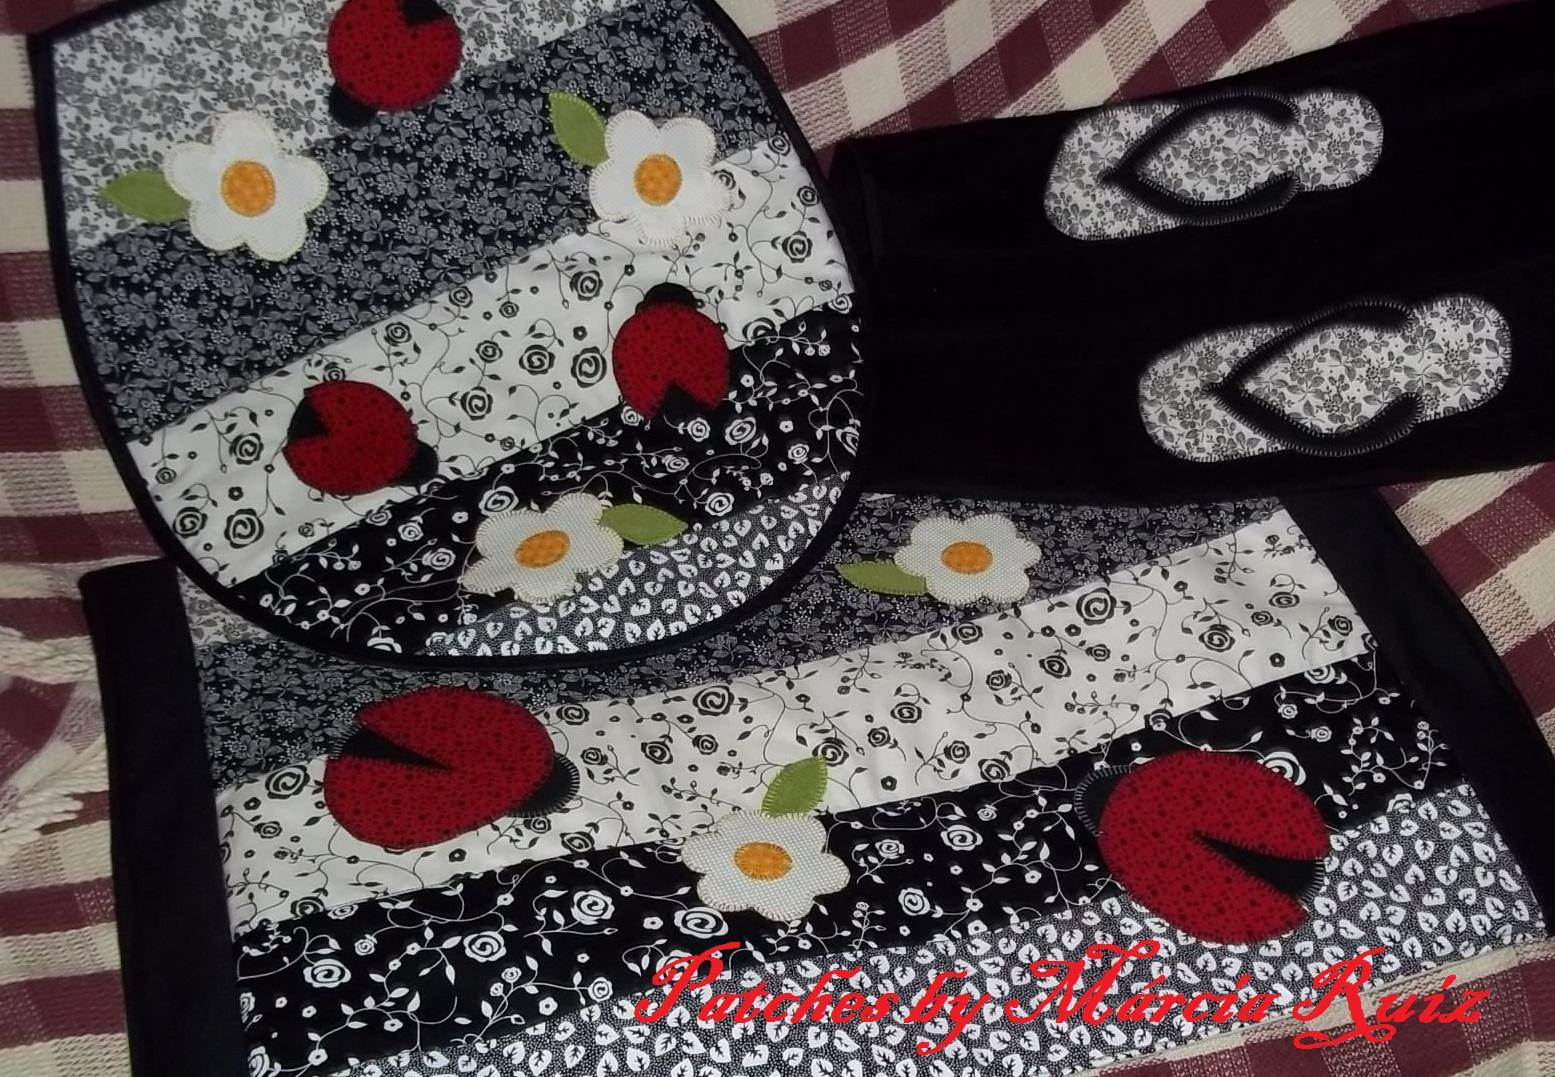 Patchwork Tapete De Banheiro : Patches by M?rcia Ruiz: jogos de banheiro em patchwork